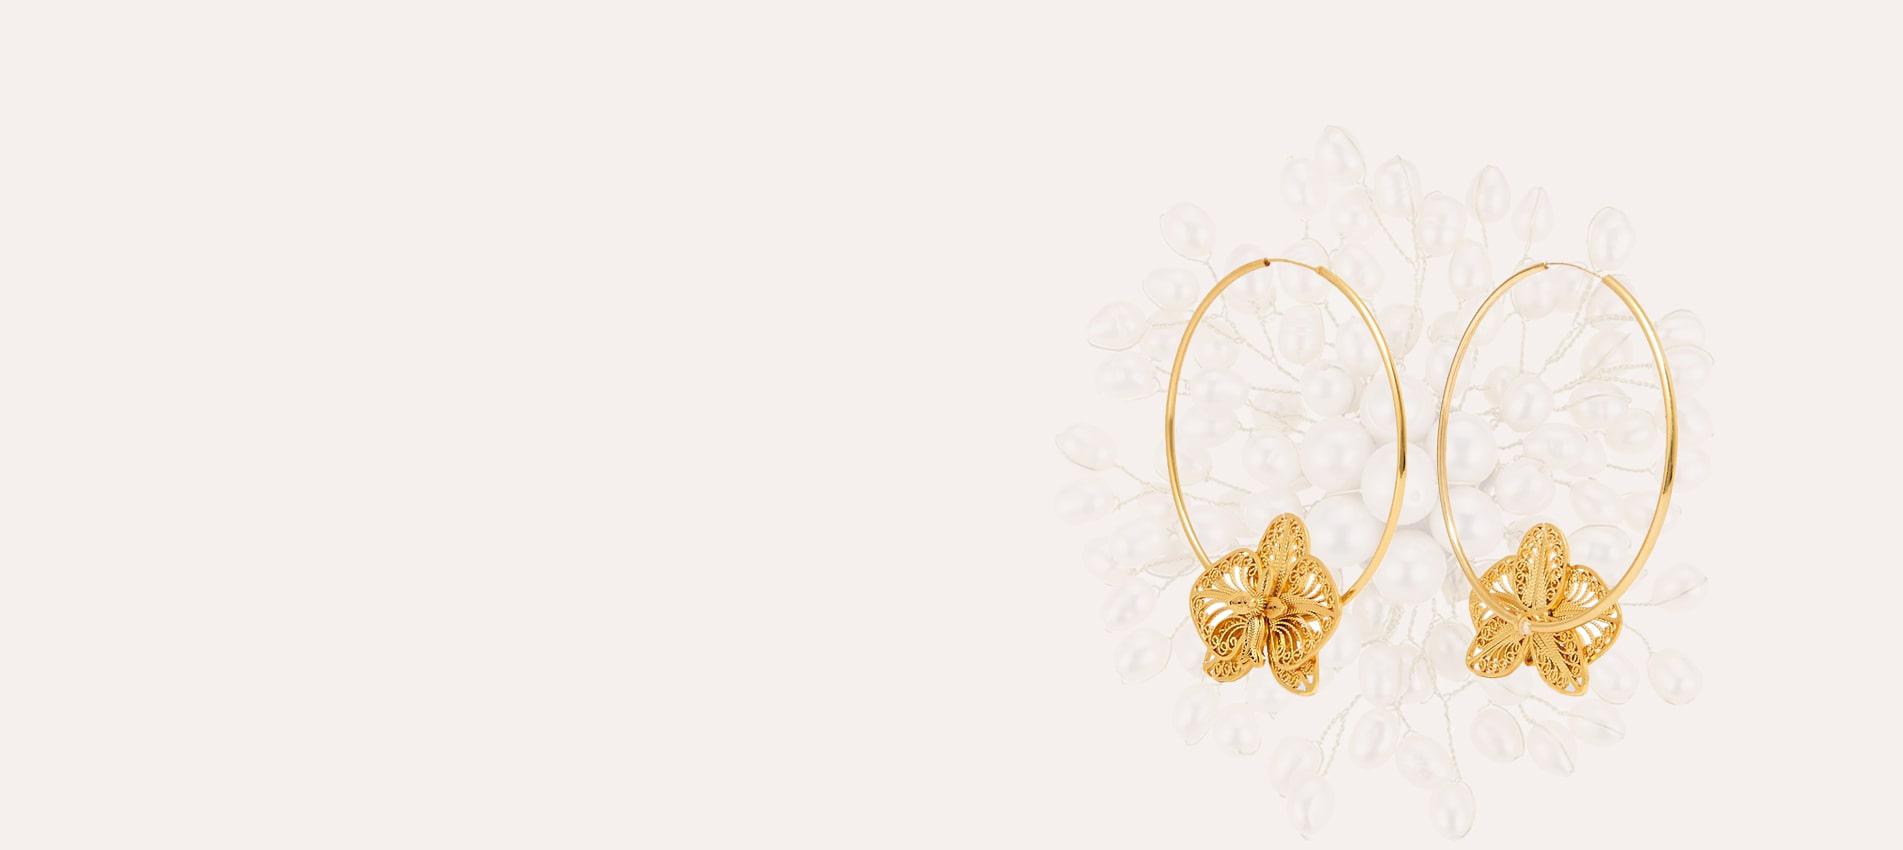 Unique Jewel Design